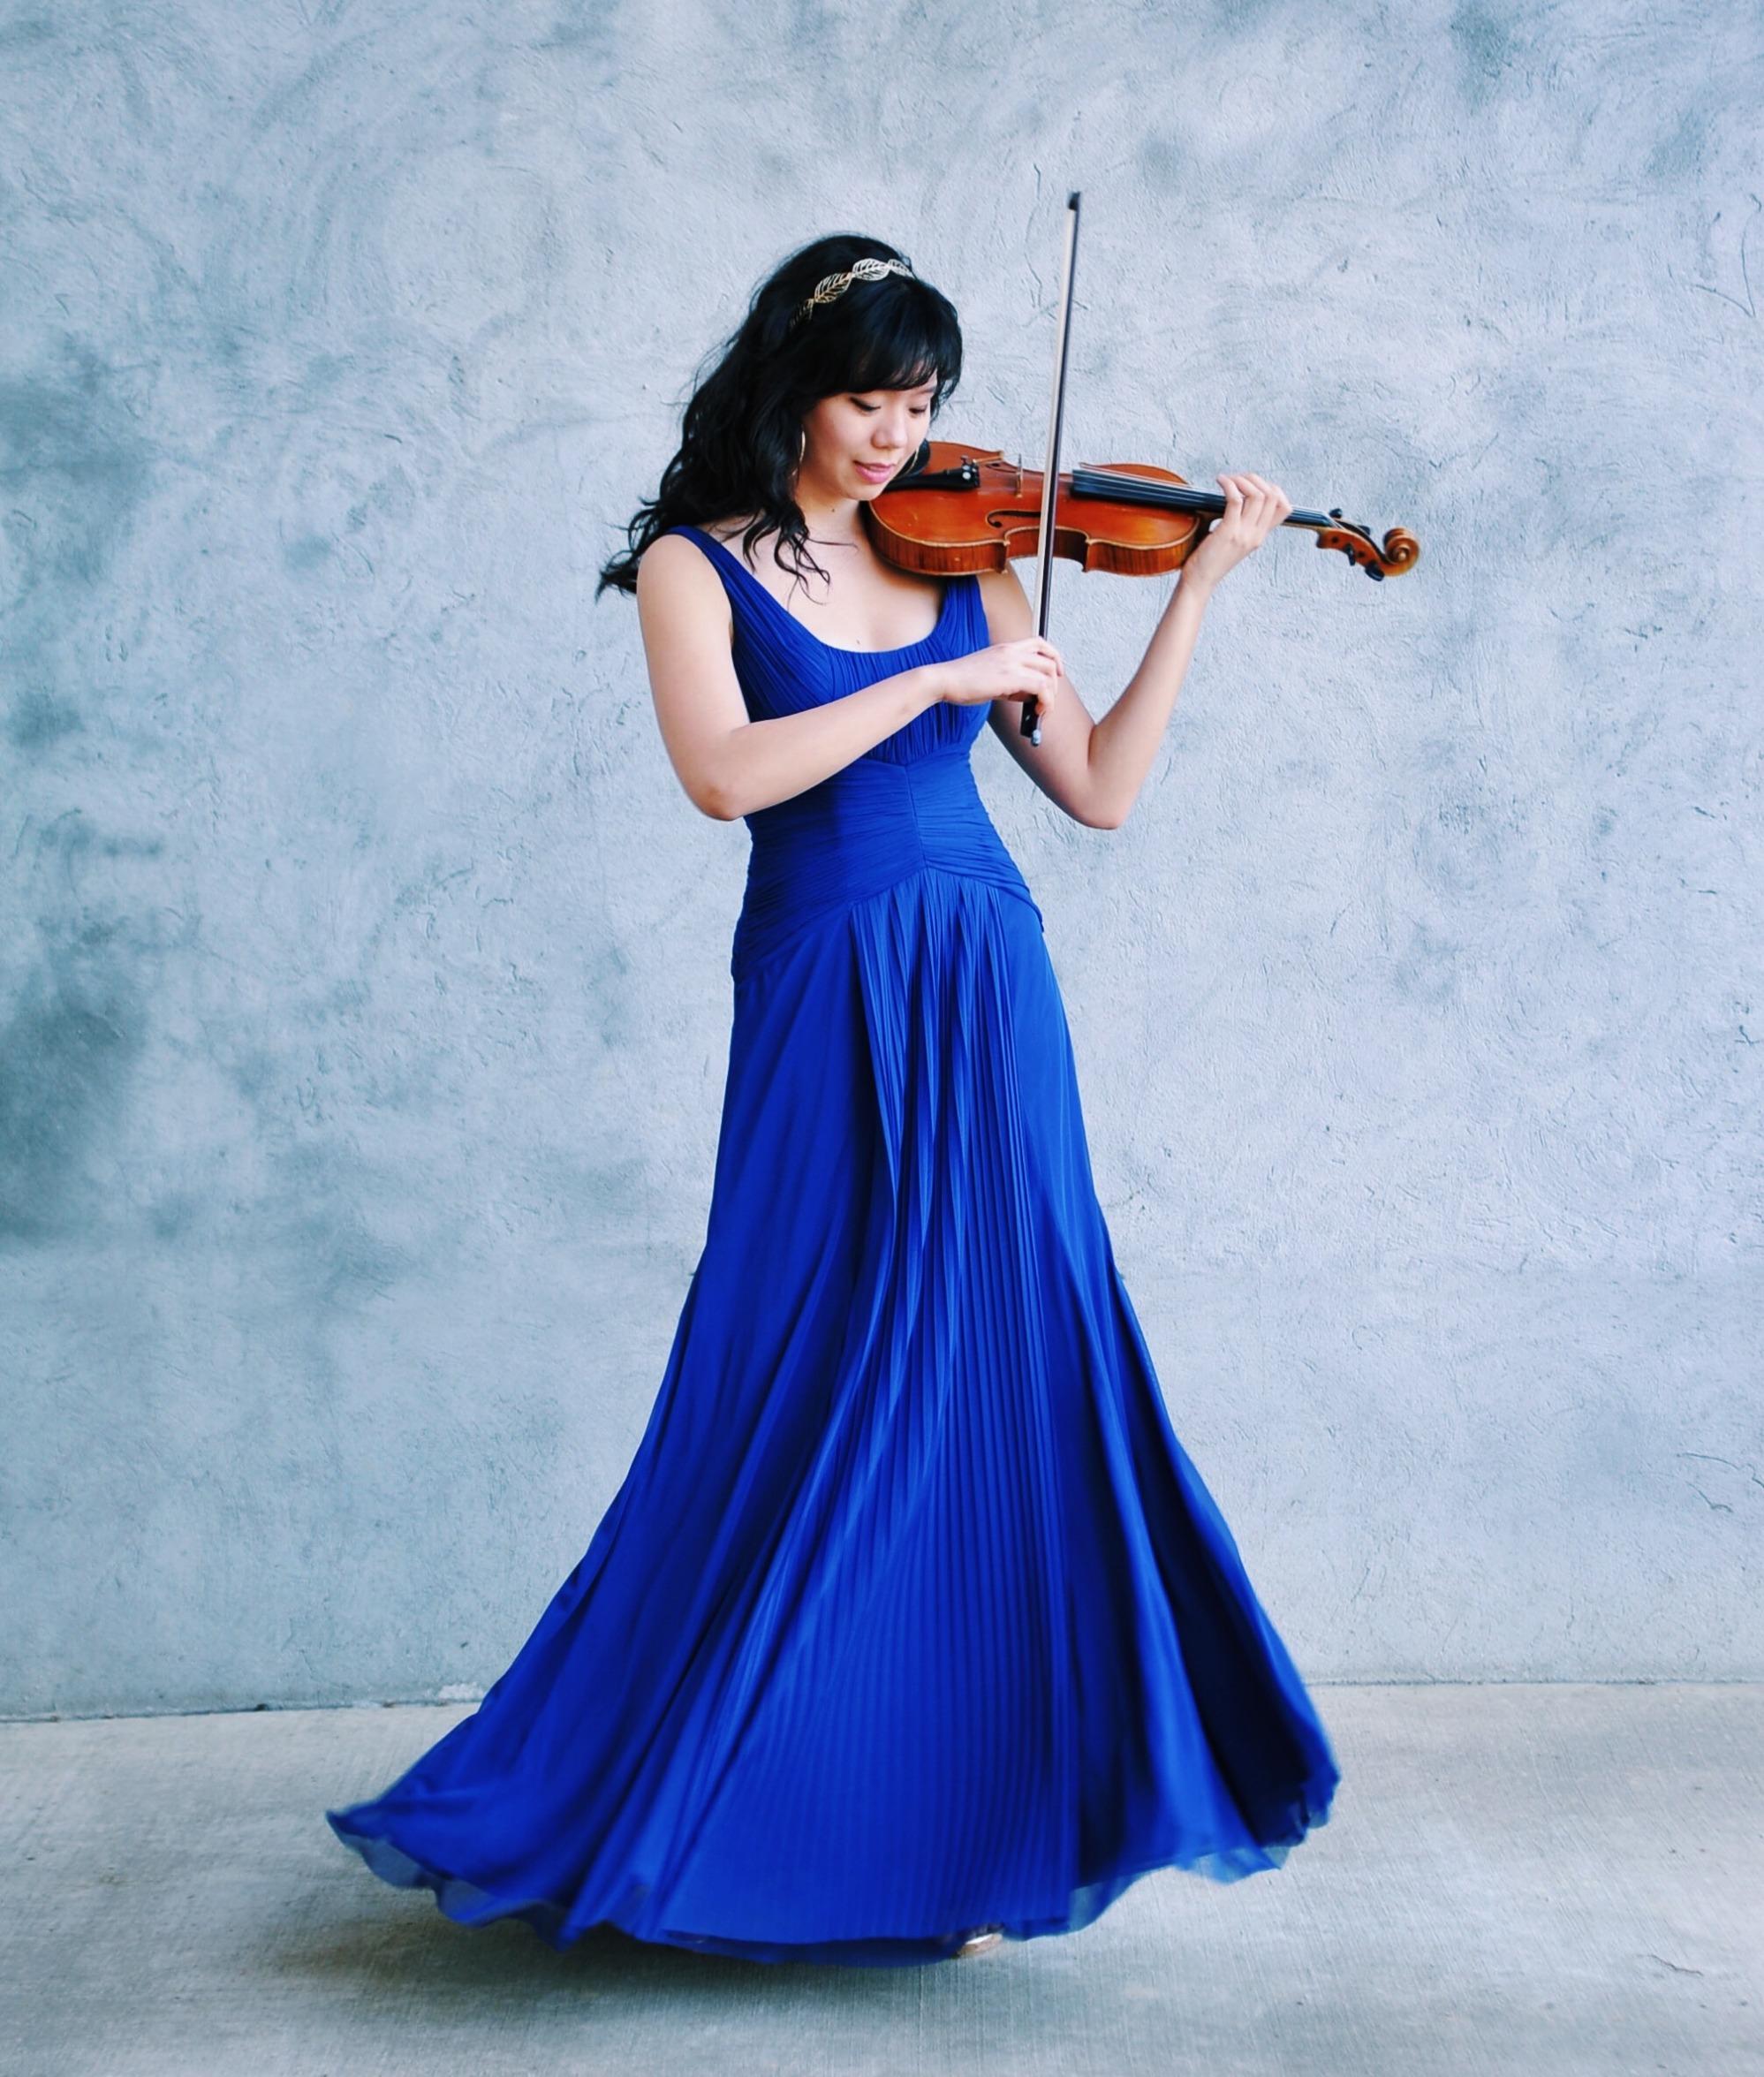 Jocelyn Zhu